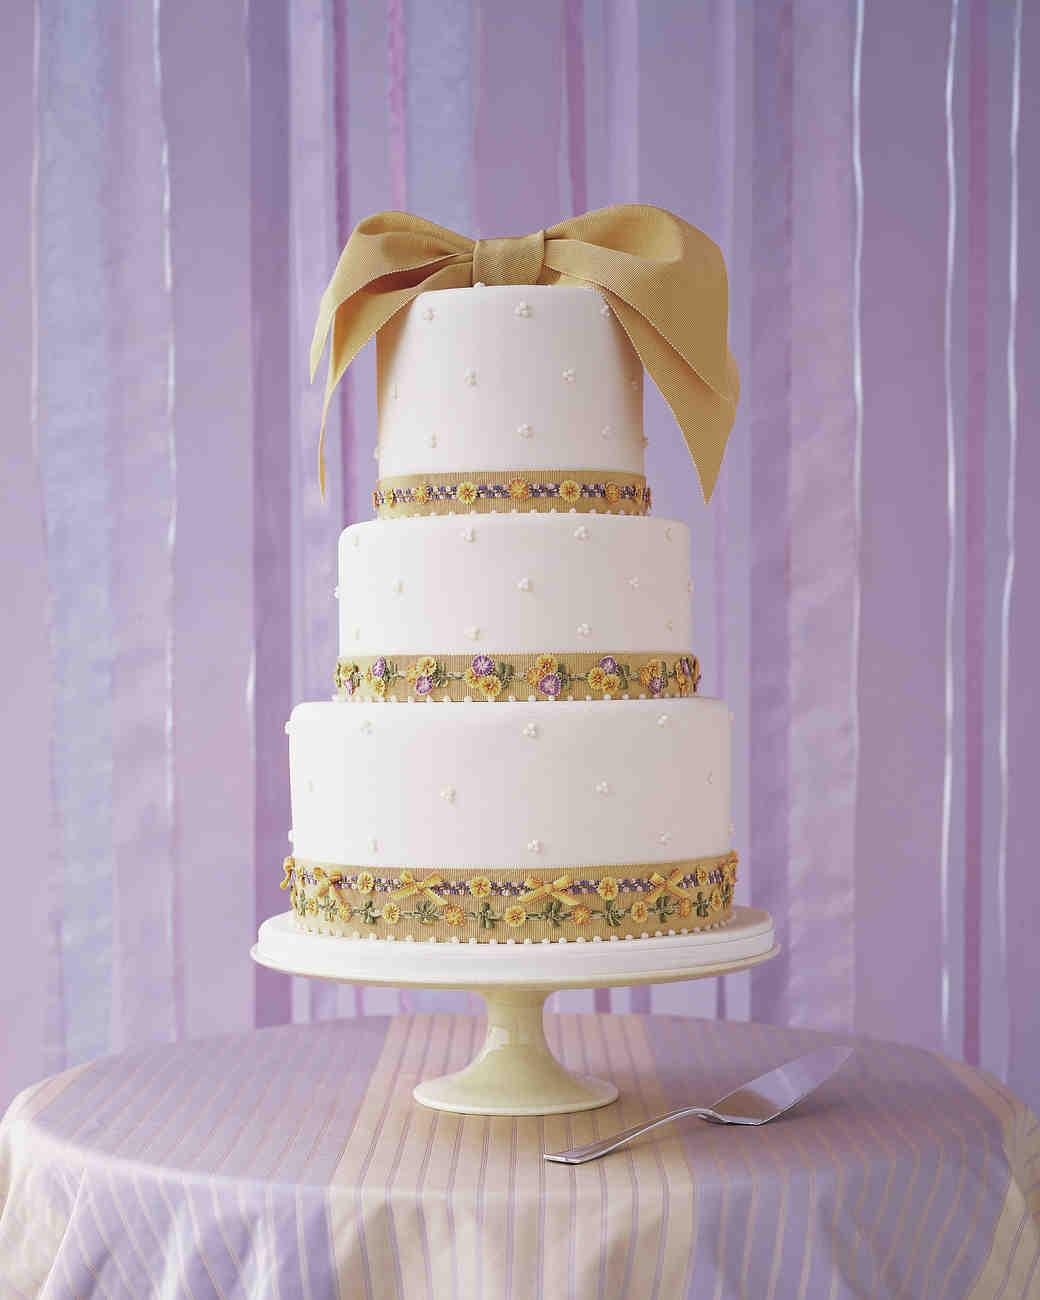 bow-cakes-mwa1100962-beige-0515.jpg